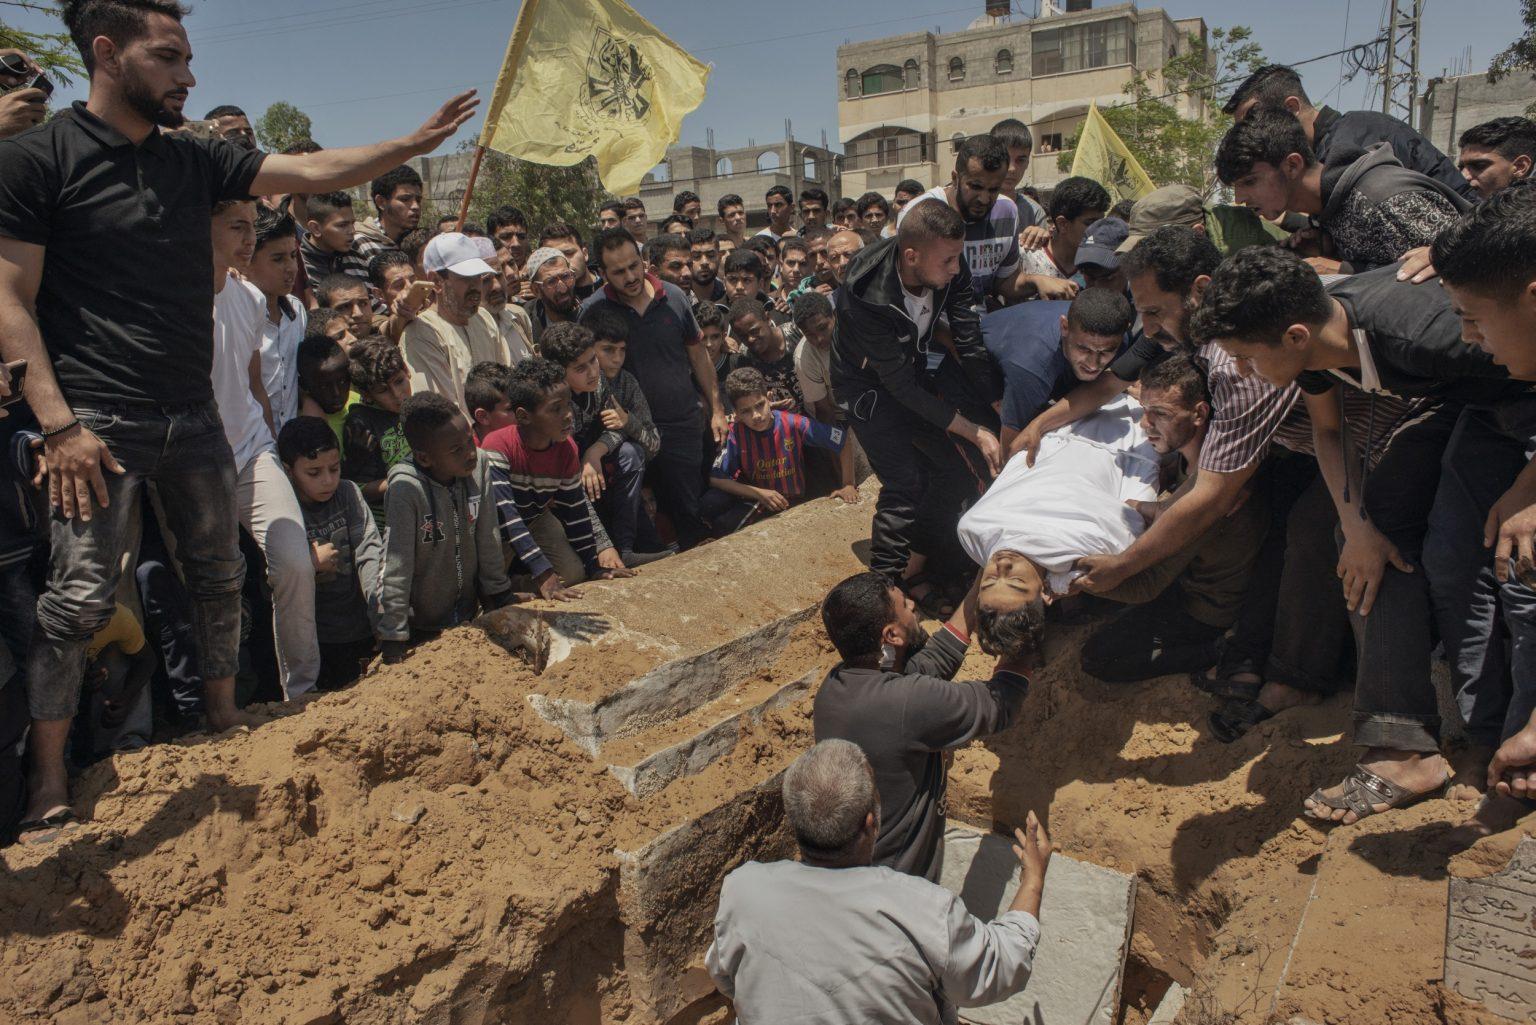 Gaza Strip, May 2018 - The body of15 year-old Palestinian Jamal Afaneh is buried at Rafah cemetery. Afaneh died from his injuries after being shot by Israeli troops along the Gaza-Israel border. >< Striscia di Gaza, maggio 2018 - Il corpo di Jamal Afaneh, un ragazzo palestinese di 15 anni, viene seppellito nel cimitero di Rafah. Afaneh è stato ucciso da un soldato israeliano durante le proteste lungo il confine tra Gaza e Israele.